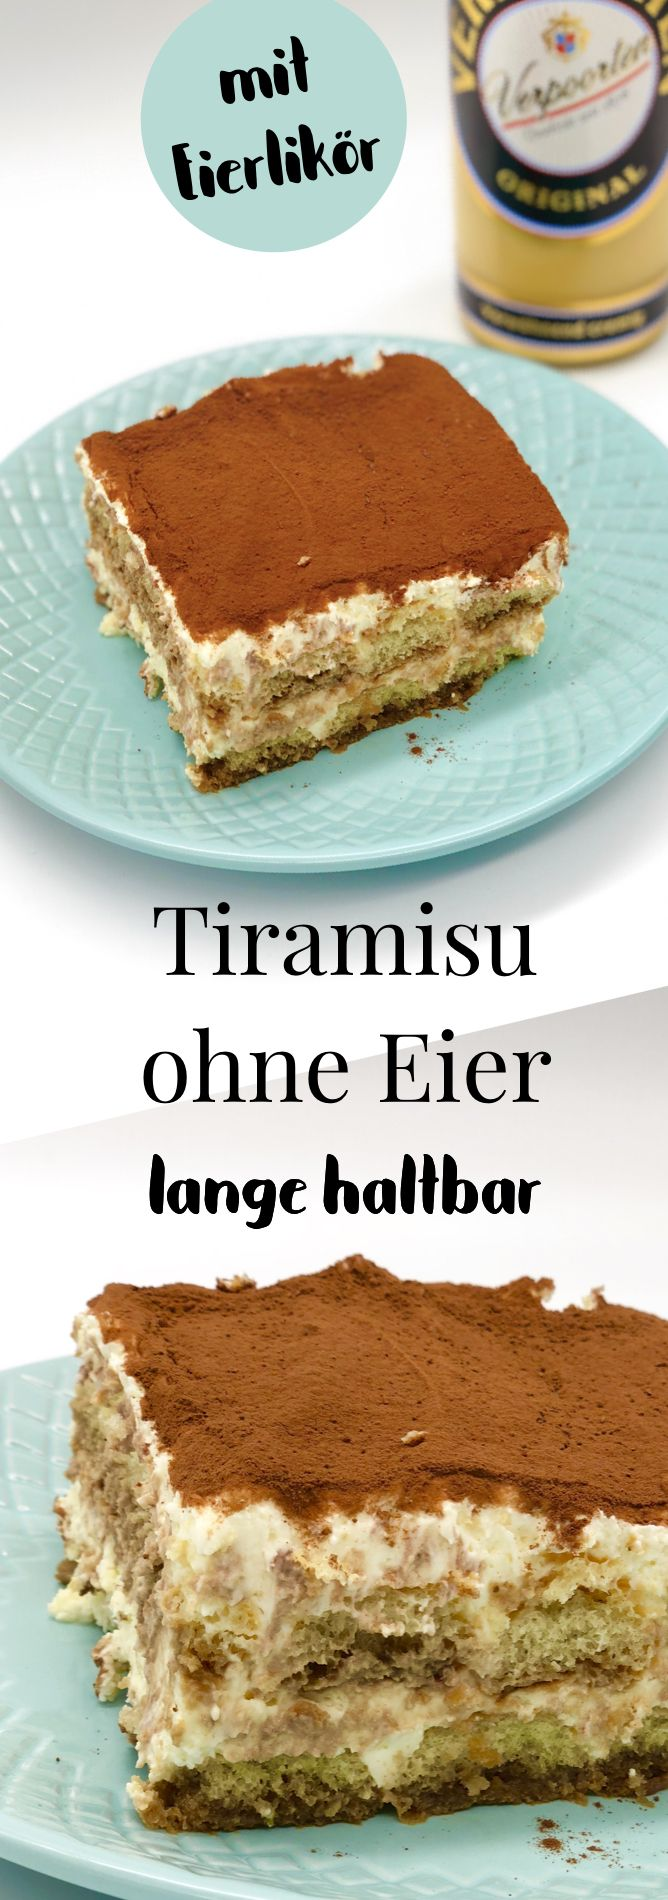 Tiramisu Ohne Ei Selber Machen Einfaches Tiramisu Rezept Happy